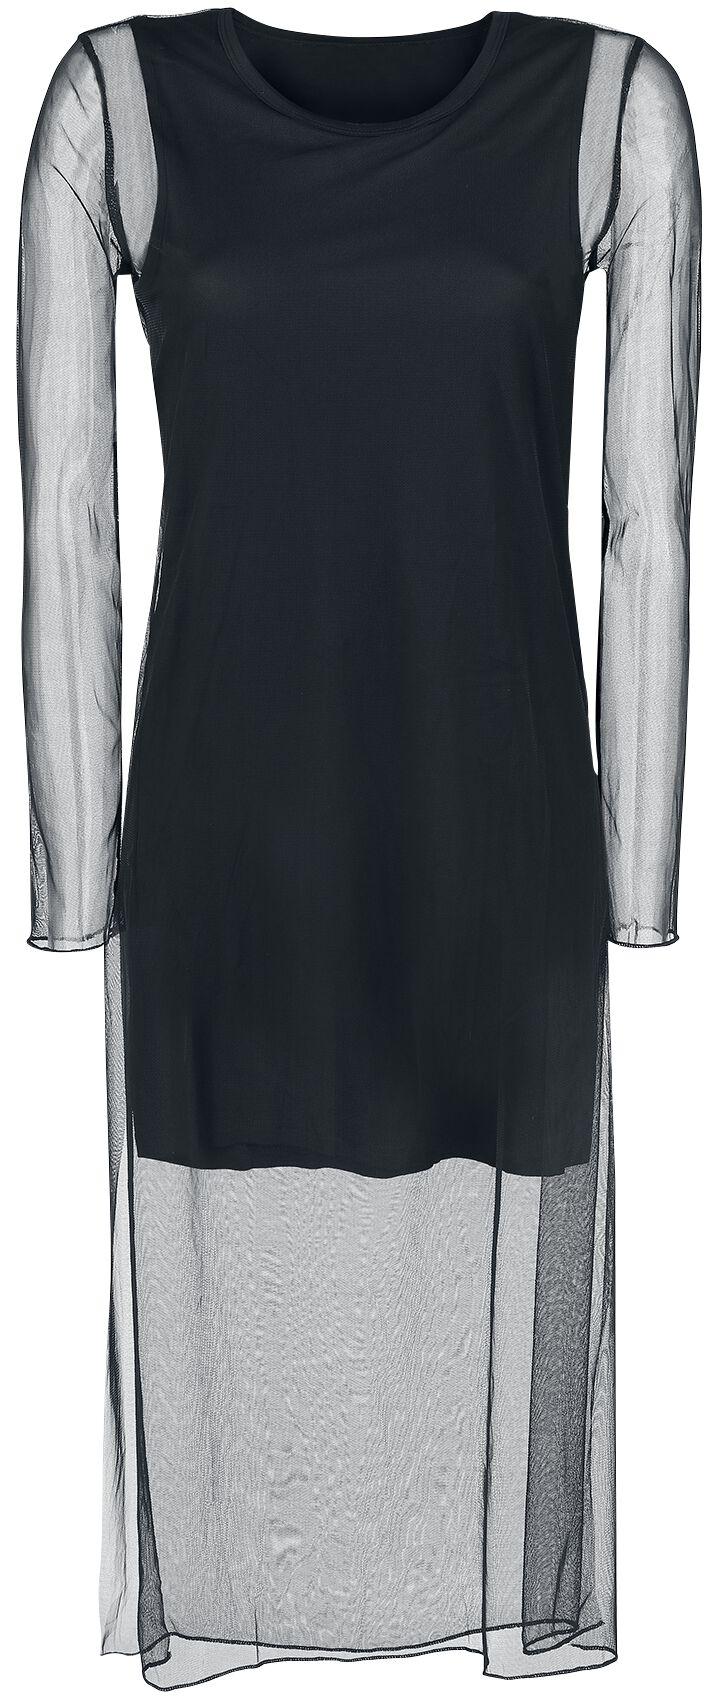 Image of   Forplay Kleid mit Netzstoff überzogen Maxikjole sort